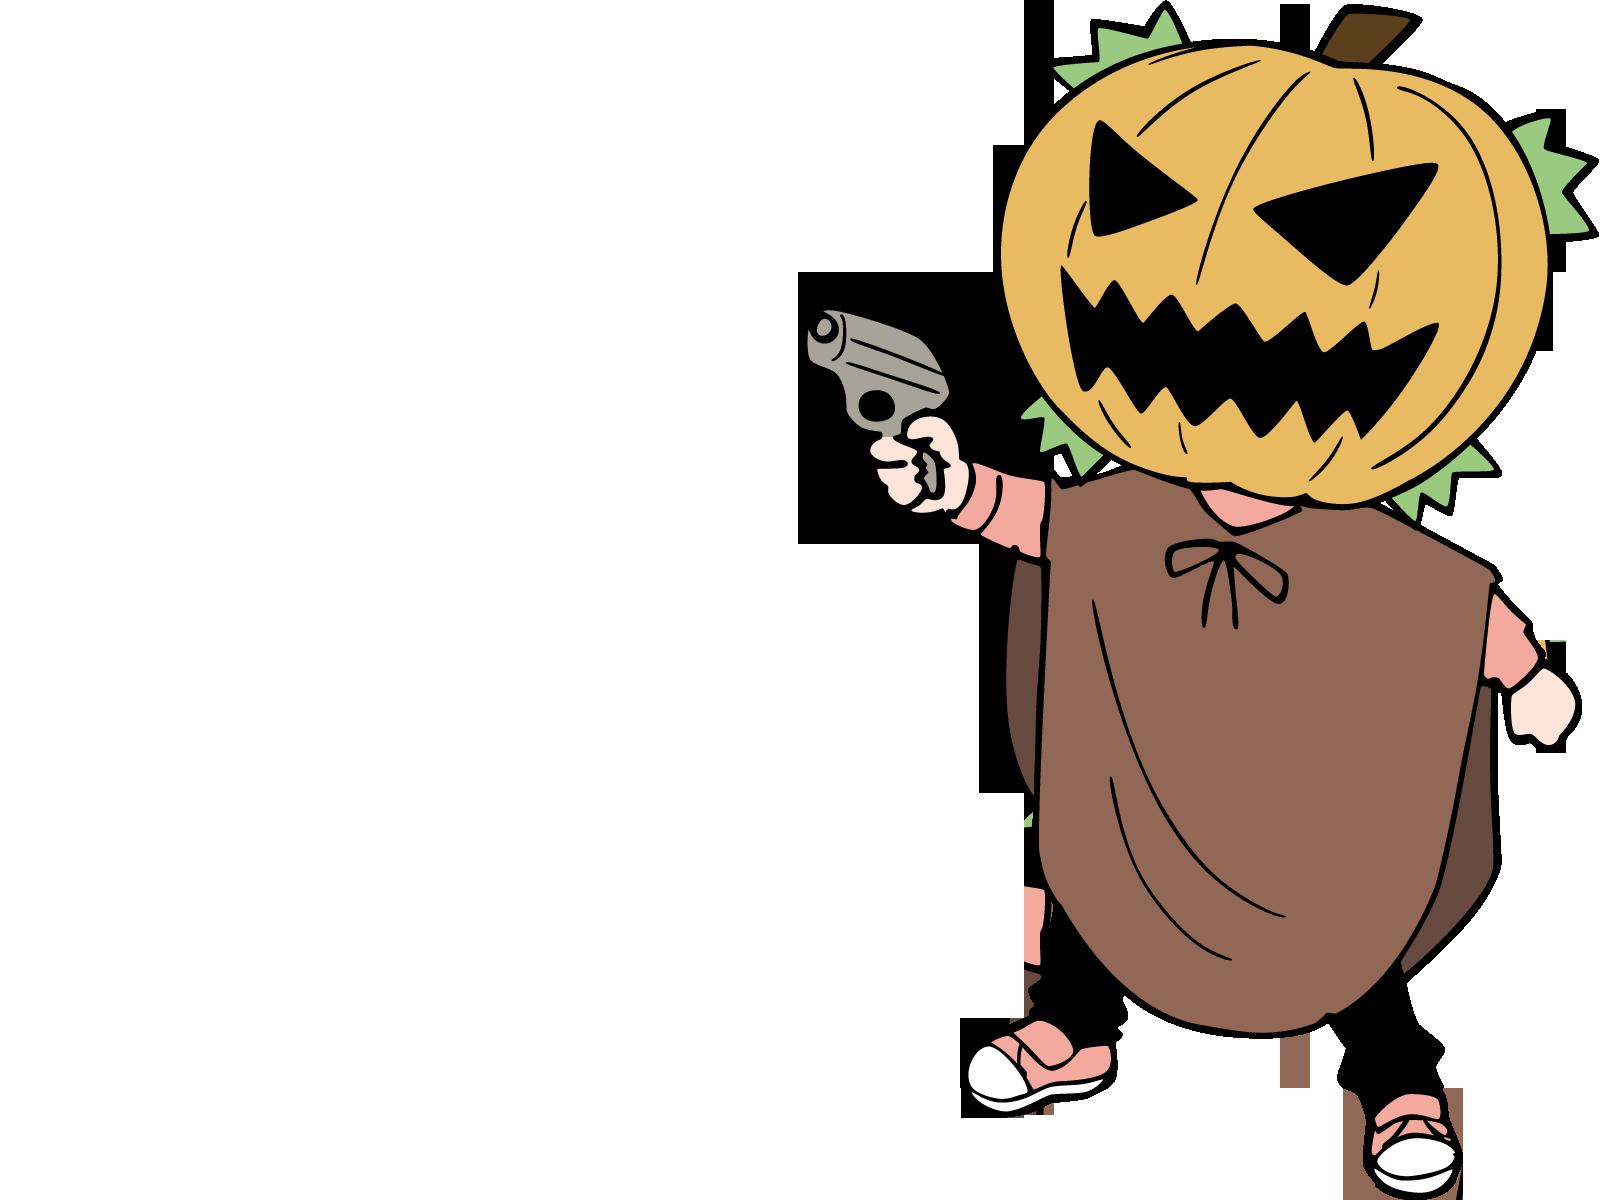 Witch clipart mouth. Wallpaper halloween pumpkin mask